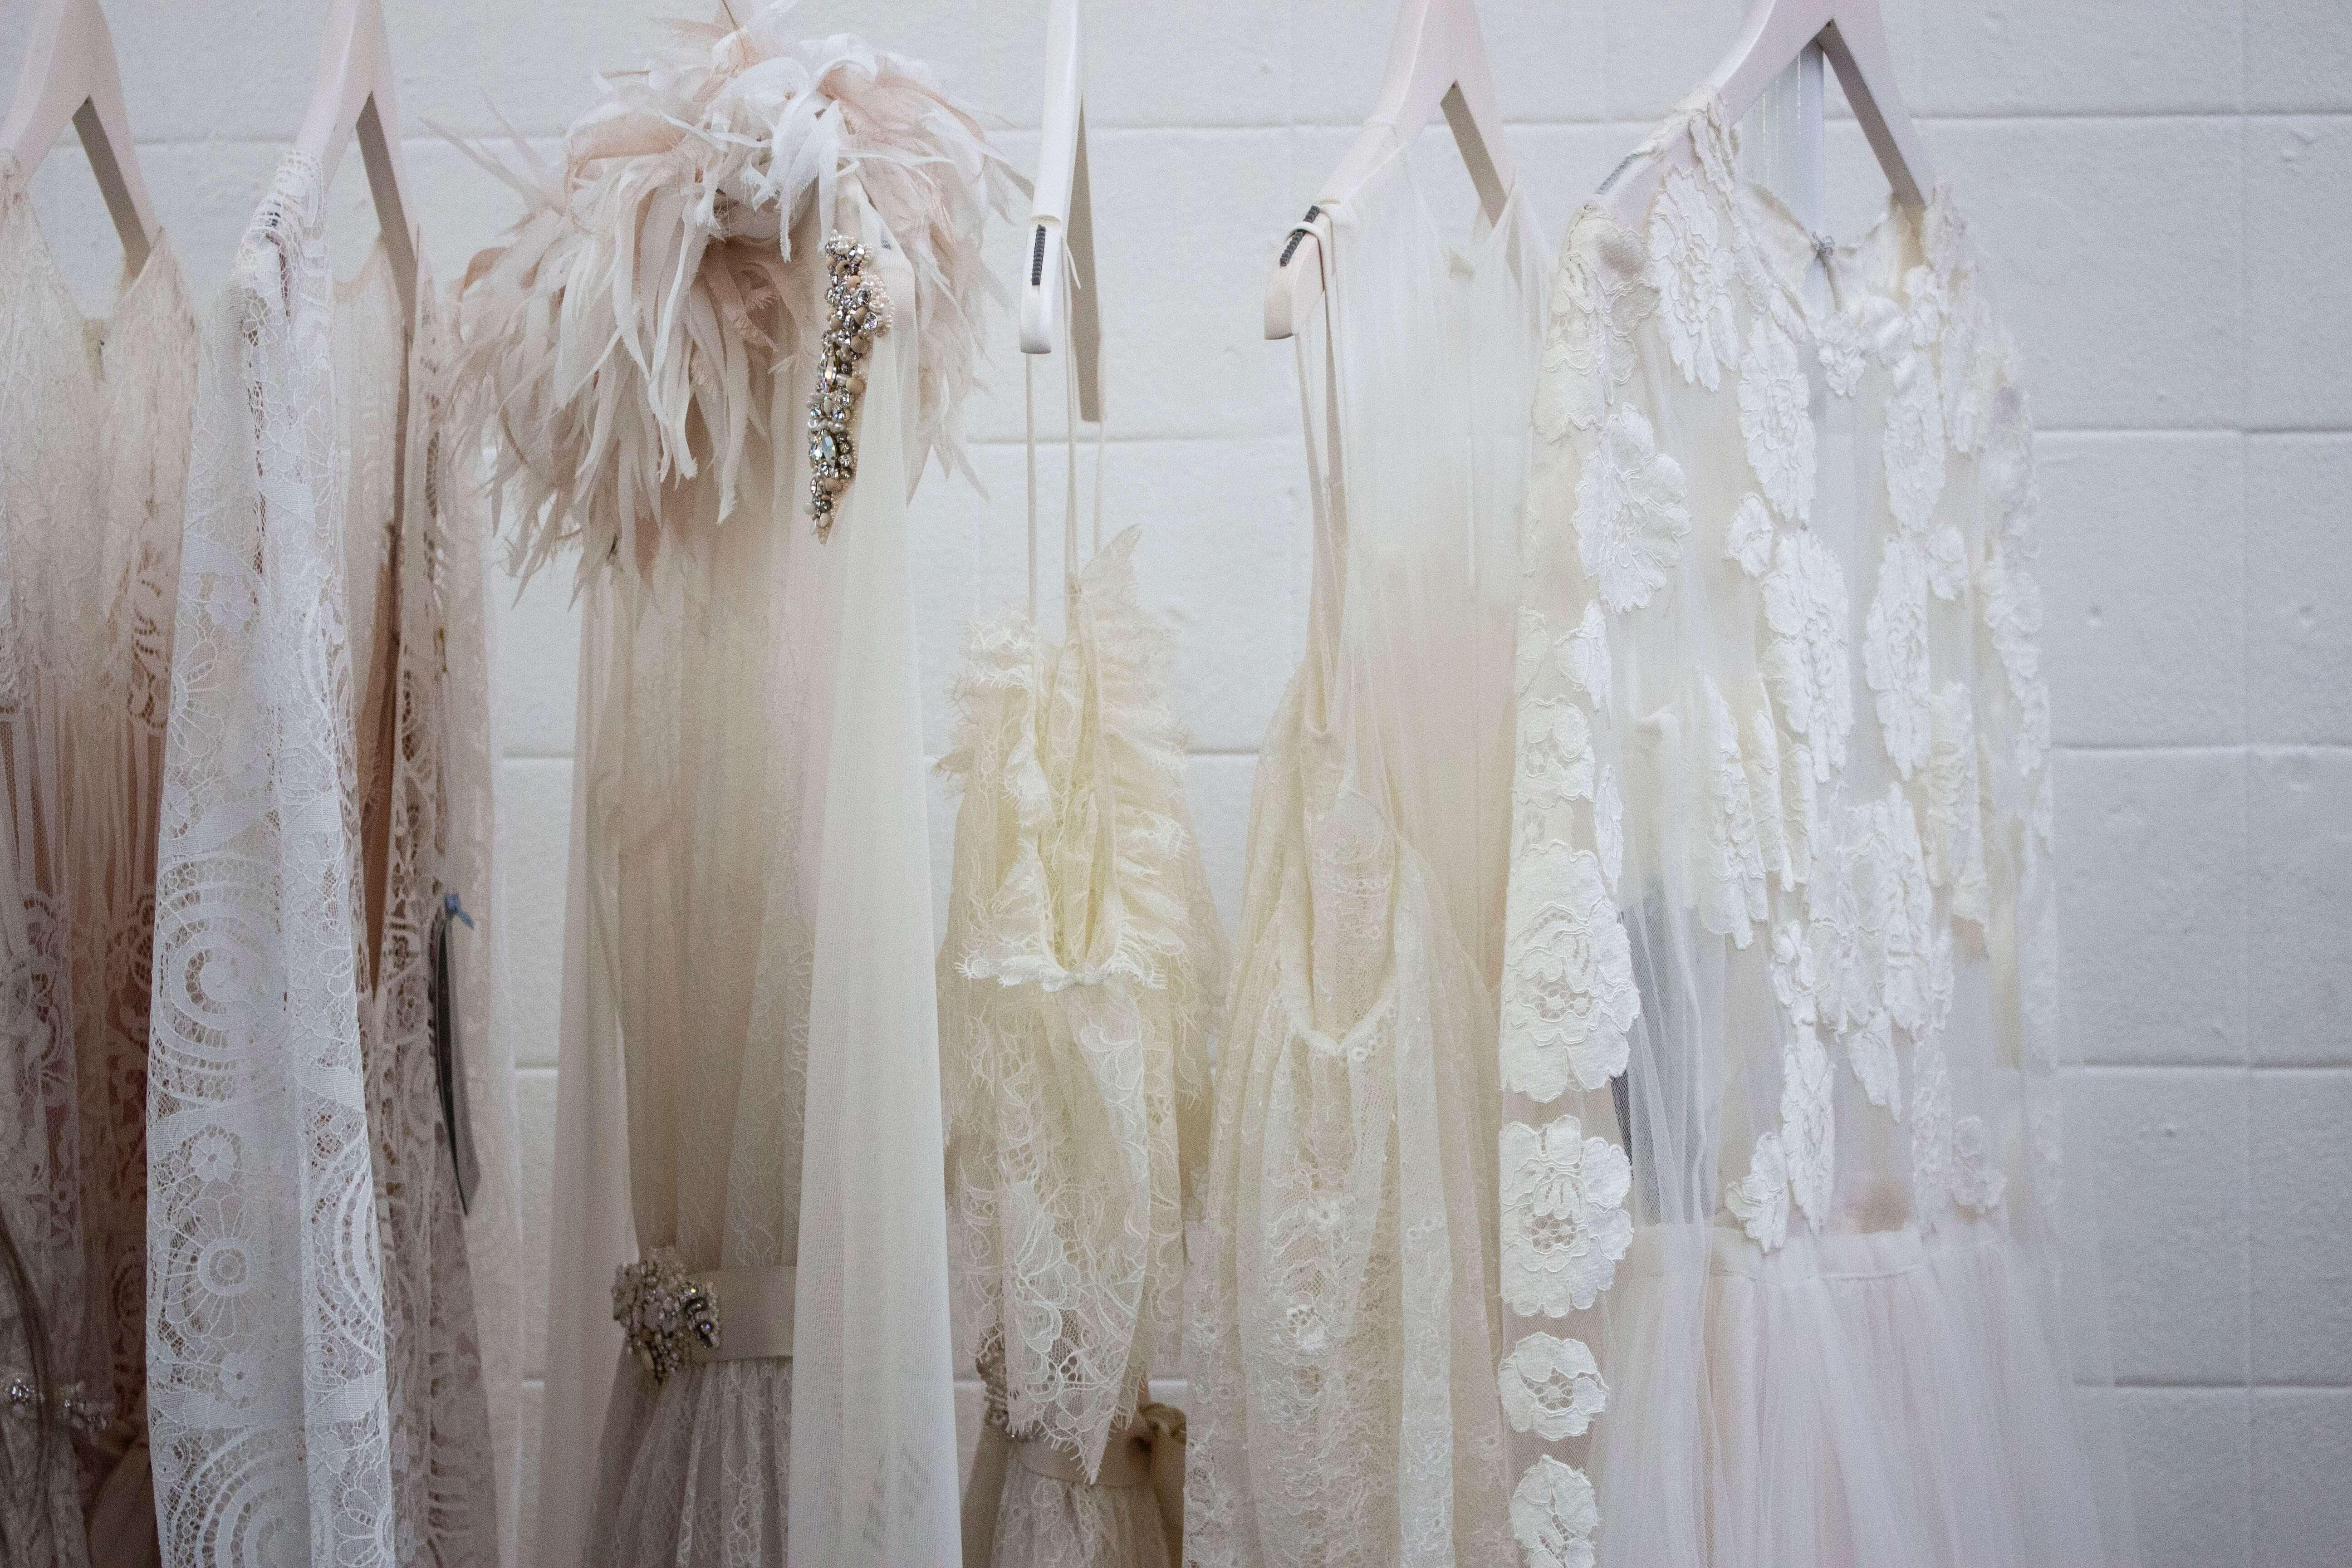 ハンガーにかかった何着かの白い服